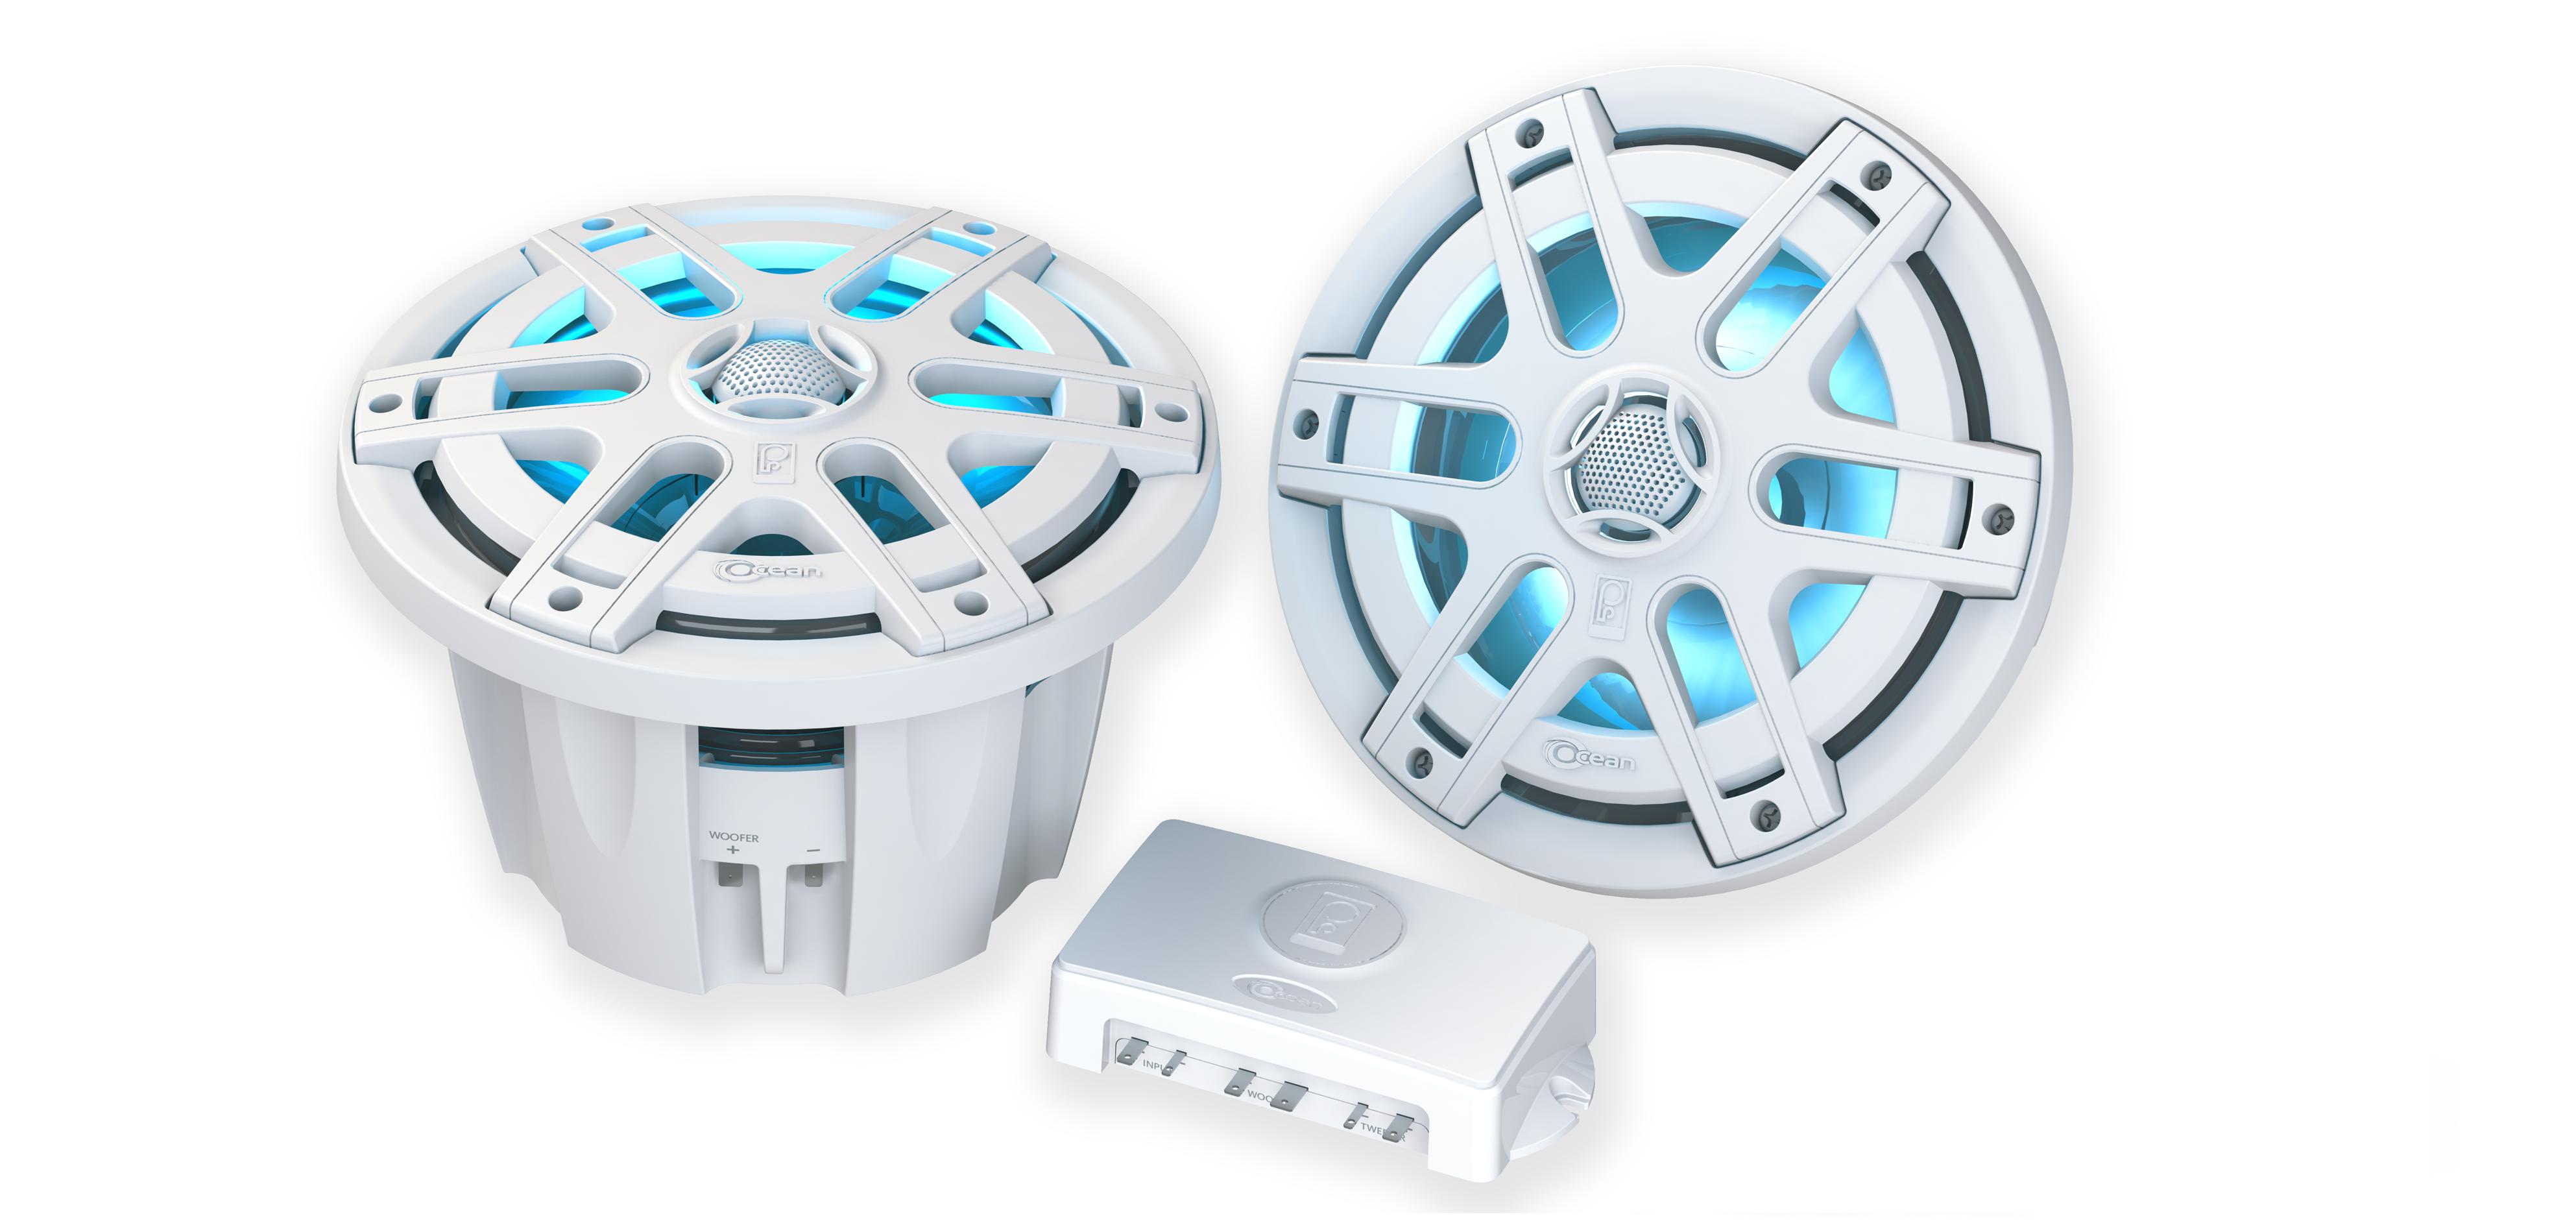 ocean series speaker